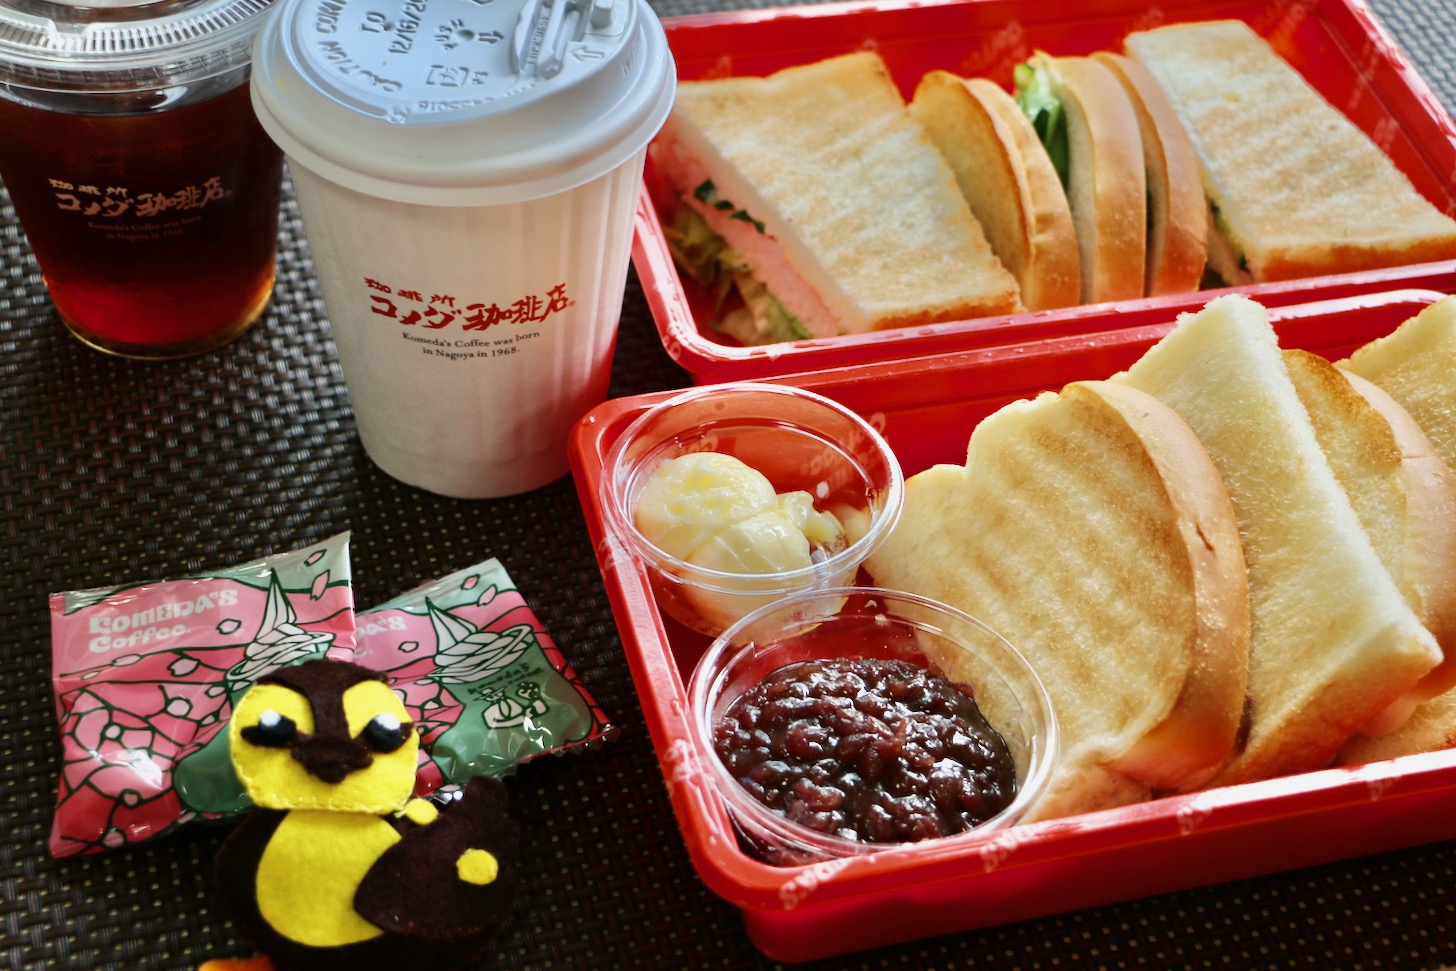 コメダ珈琲店 唐木田店で小倉トーストとハムトーストをテイクアウトしてきた